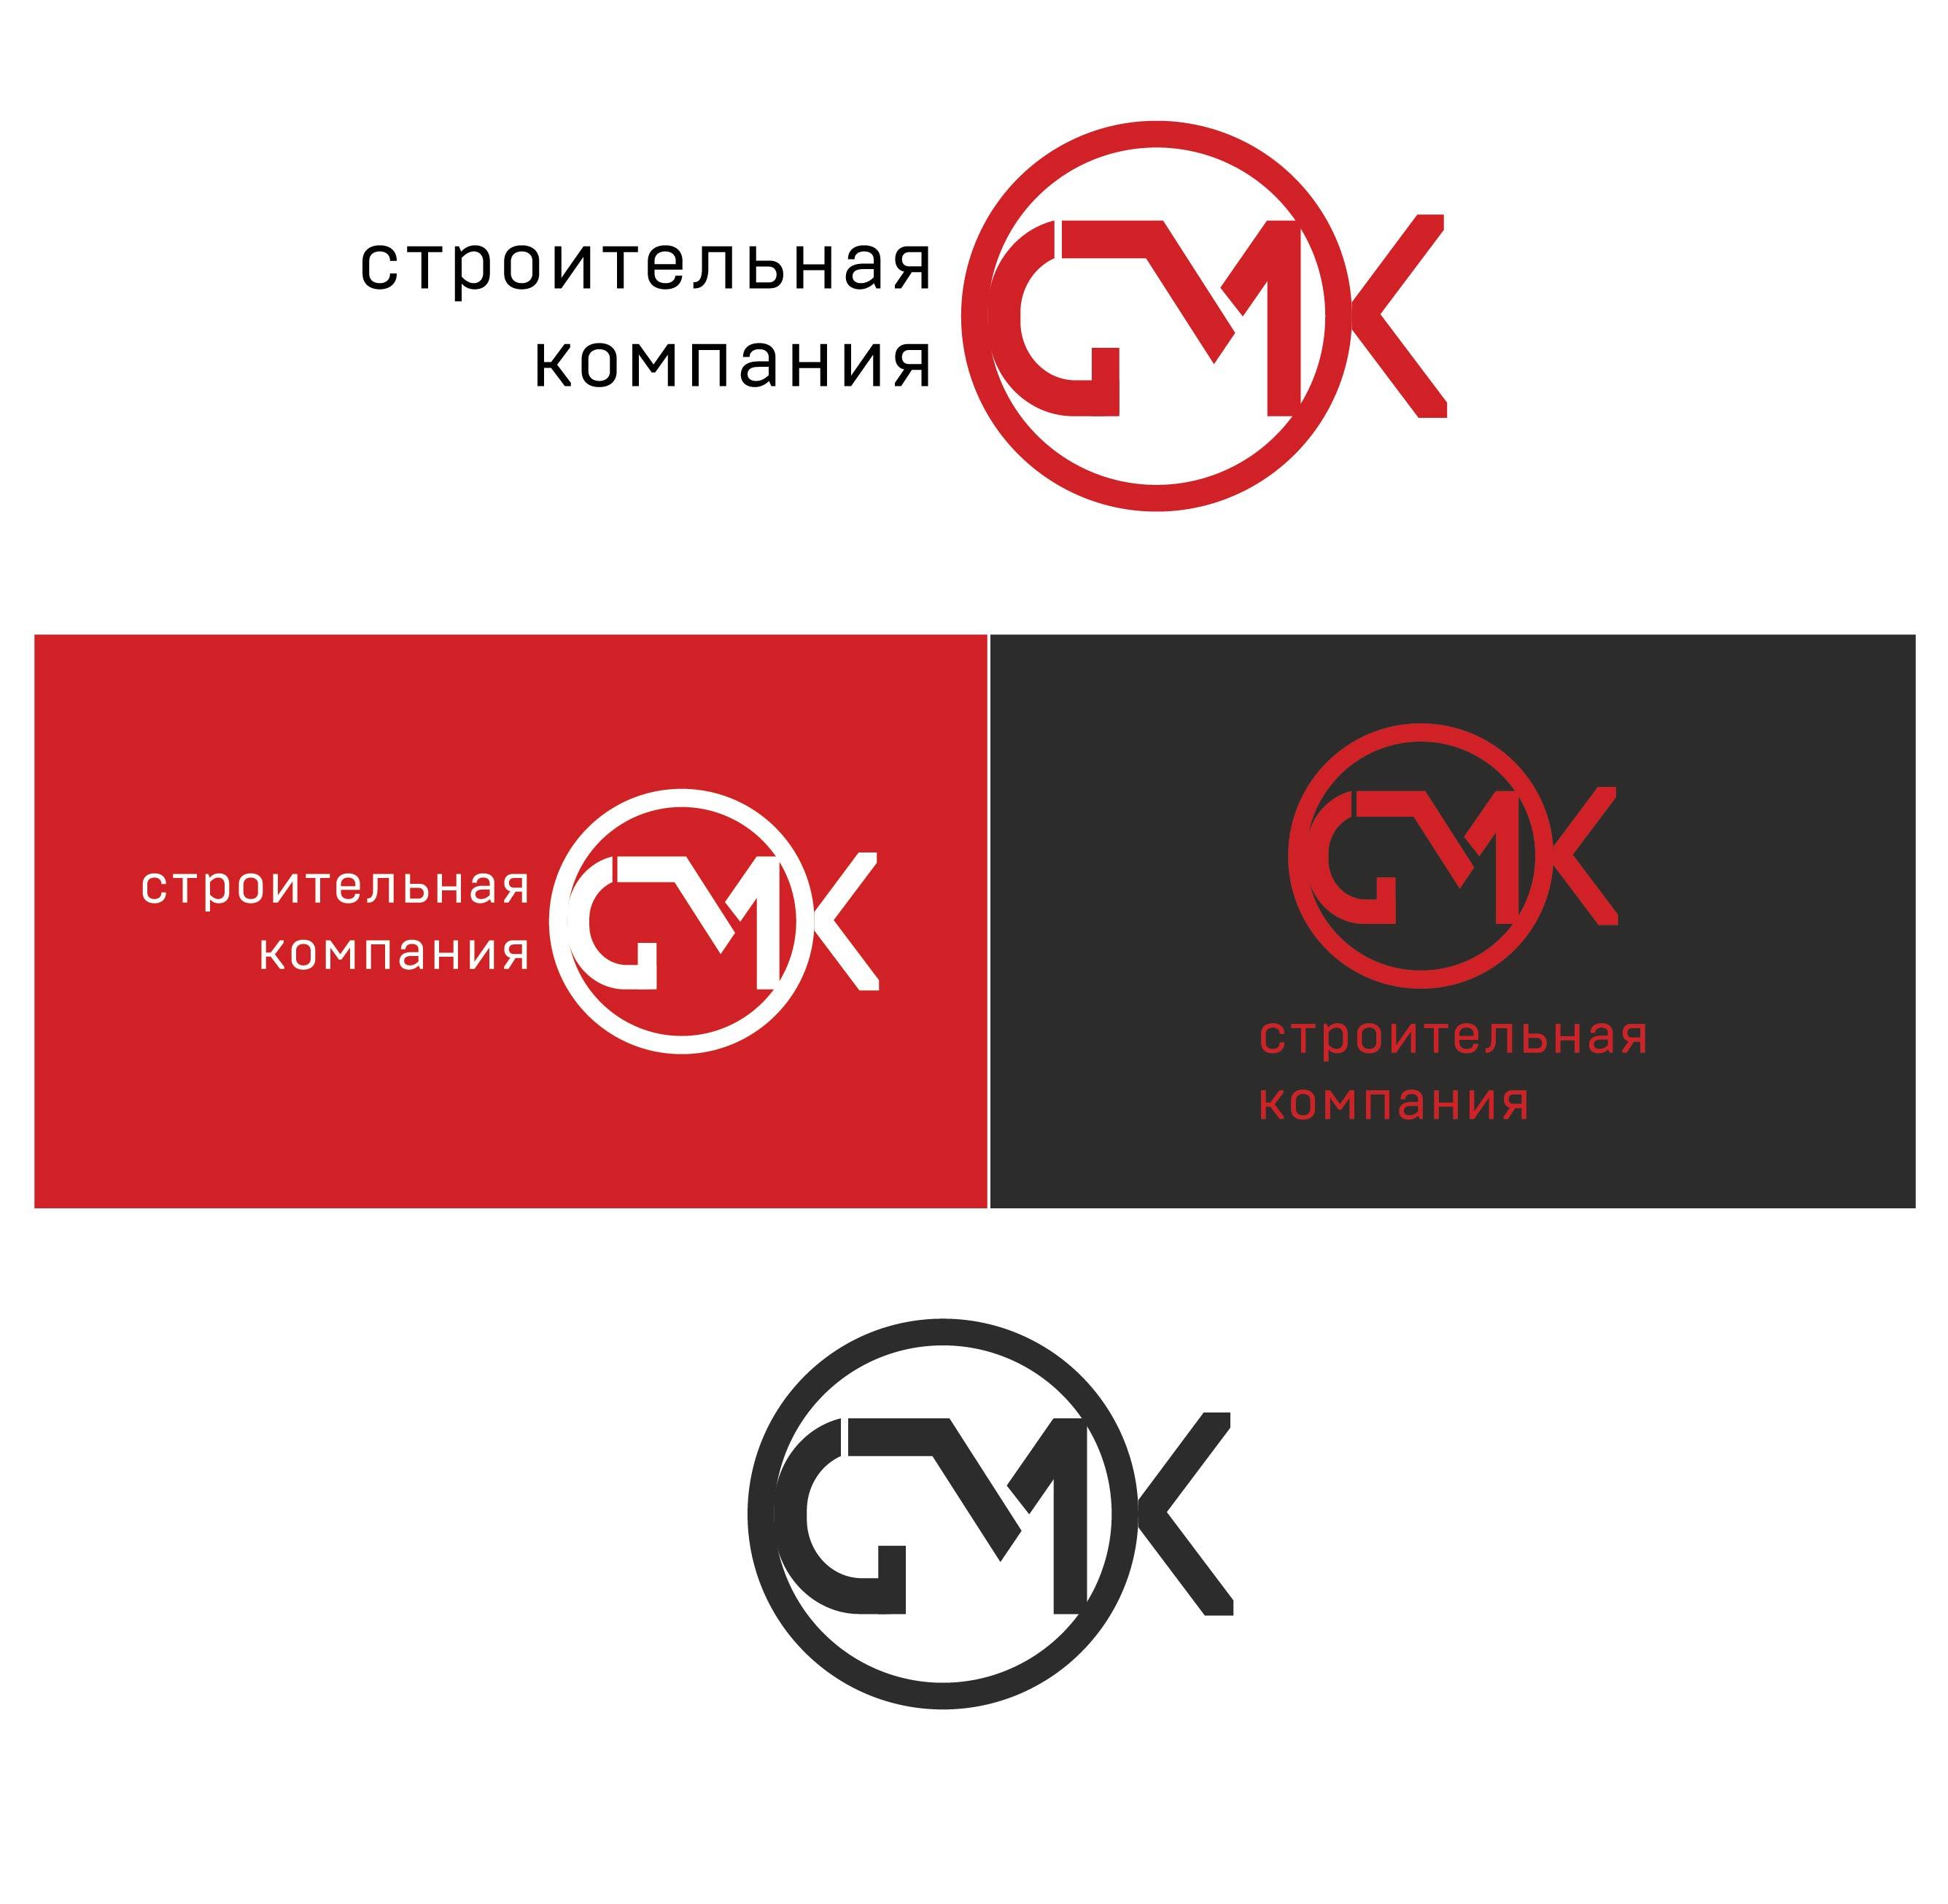 Разработка логотипа компании фото f_7625dc455e149814.jpg